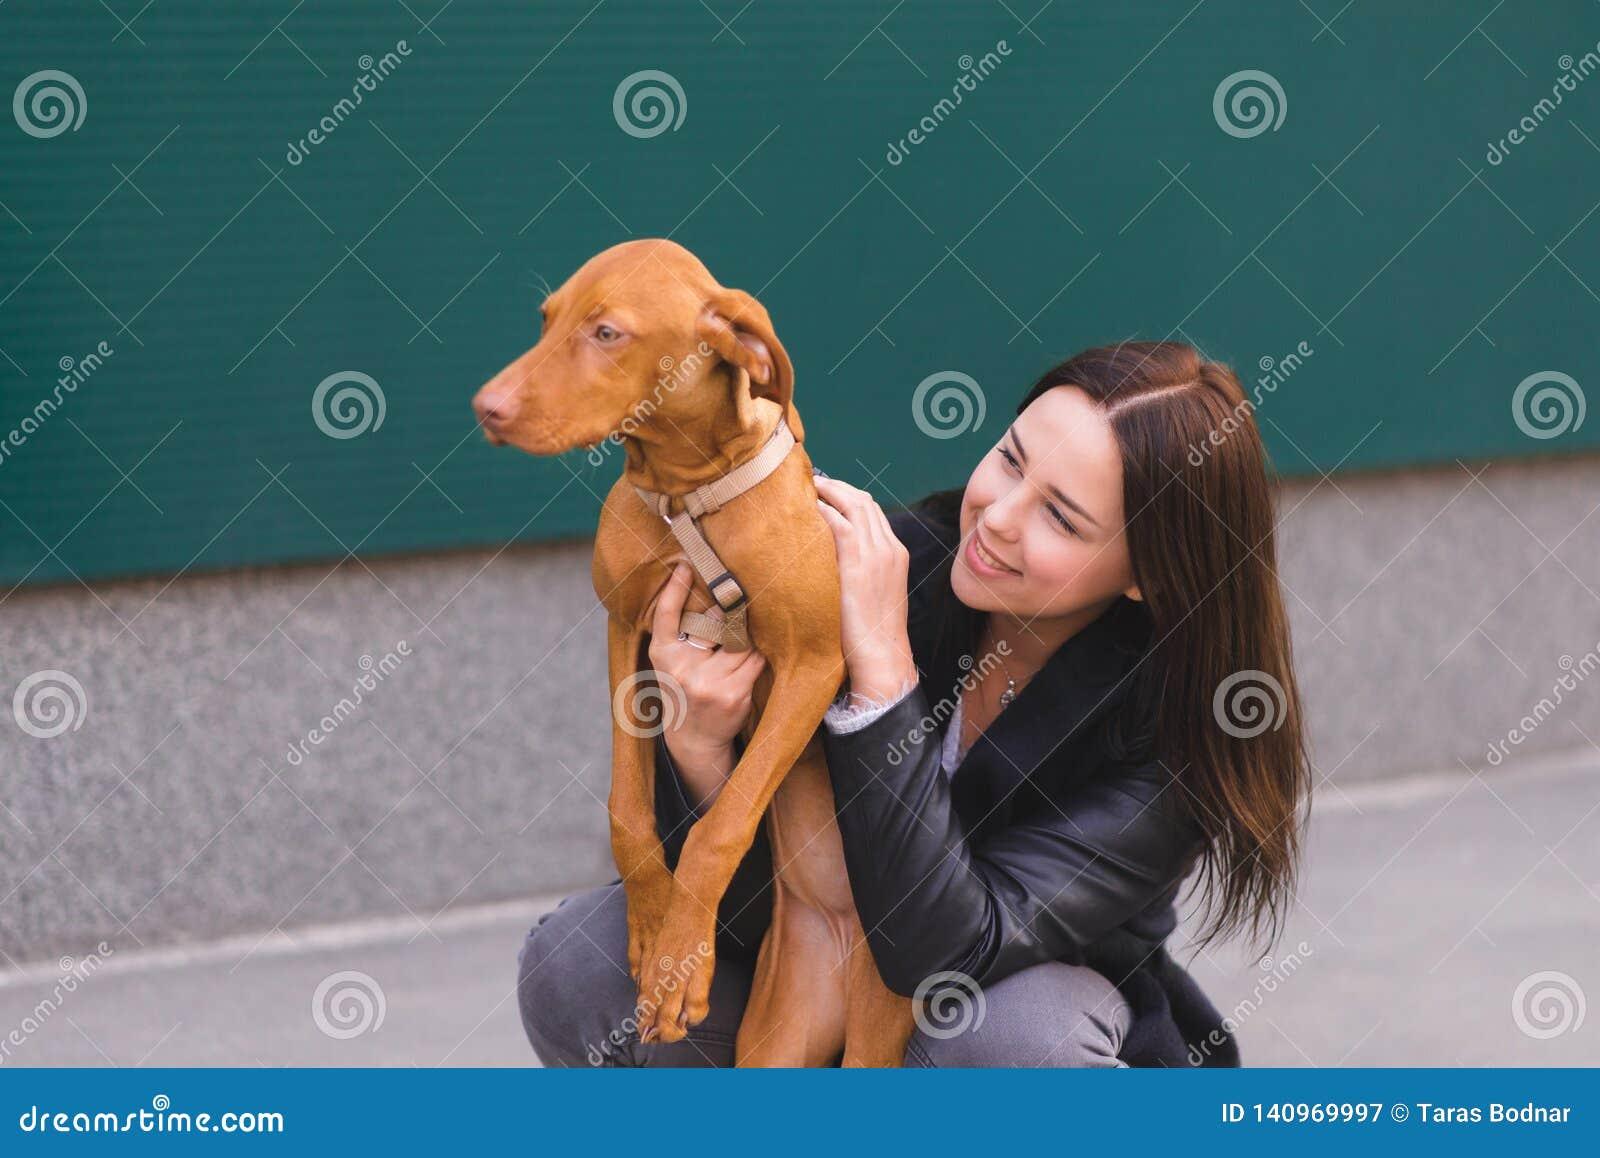 Gelukkig eigenaar en huisdier bij de achtergrond van de muur De handeling koestert een hond voor een gang Liefde aan dieren